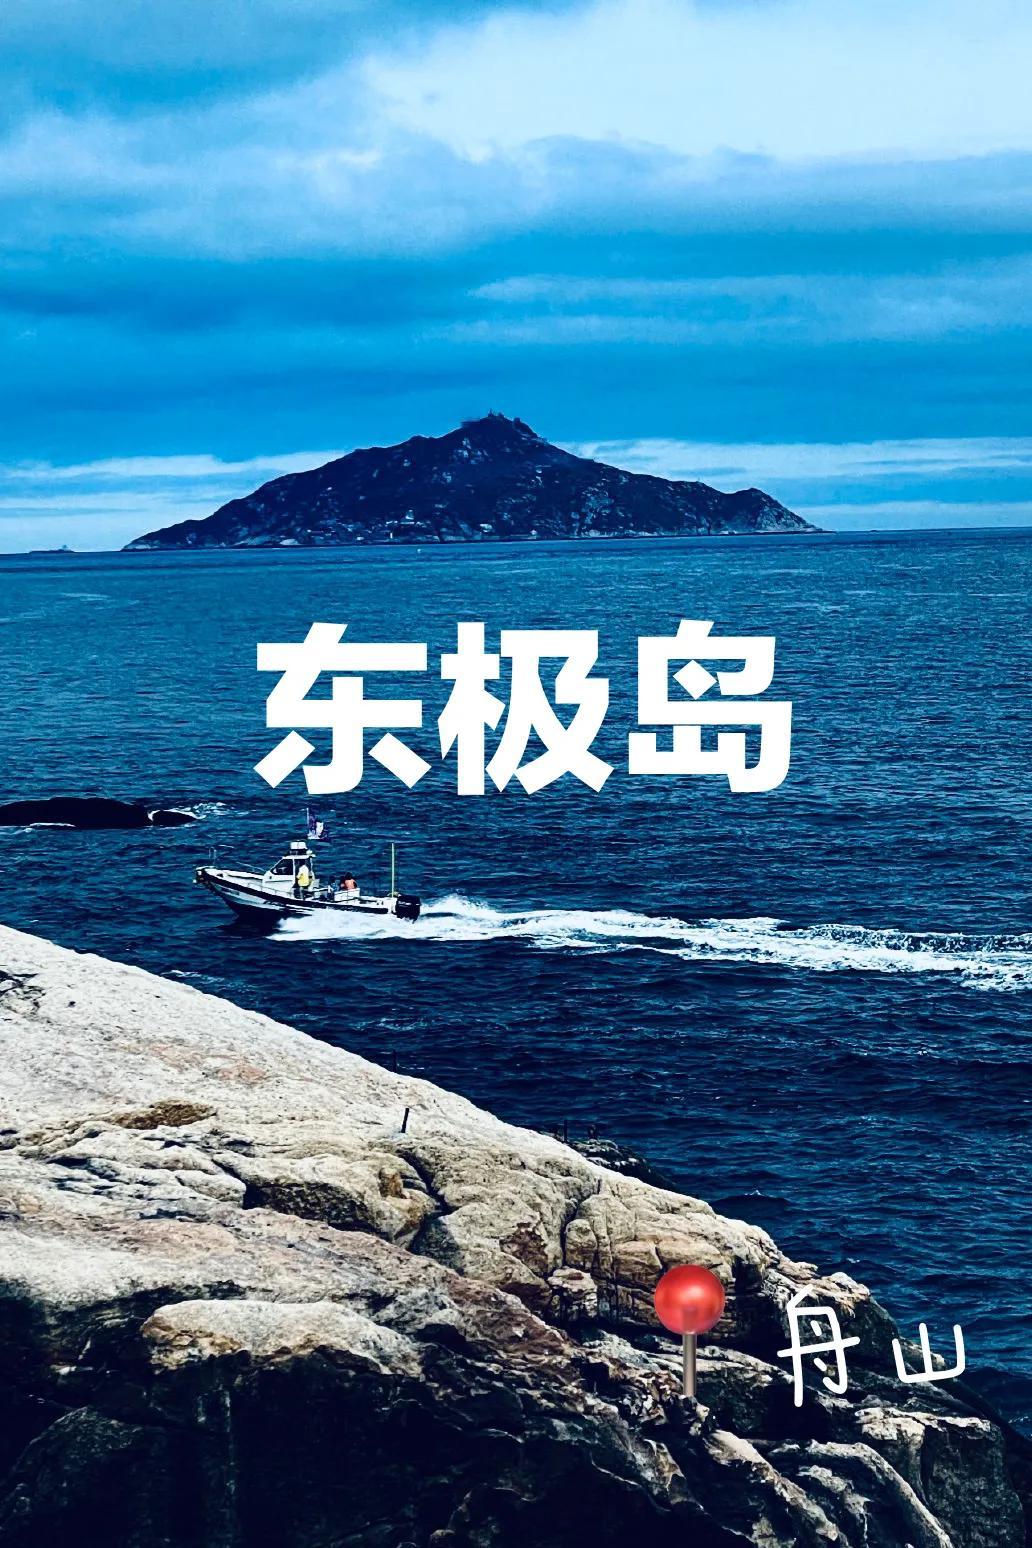 舟山旅游东极岛自由行超强攻略国内超美岛屿